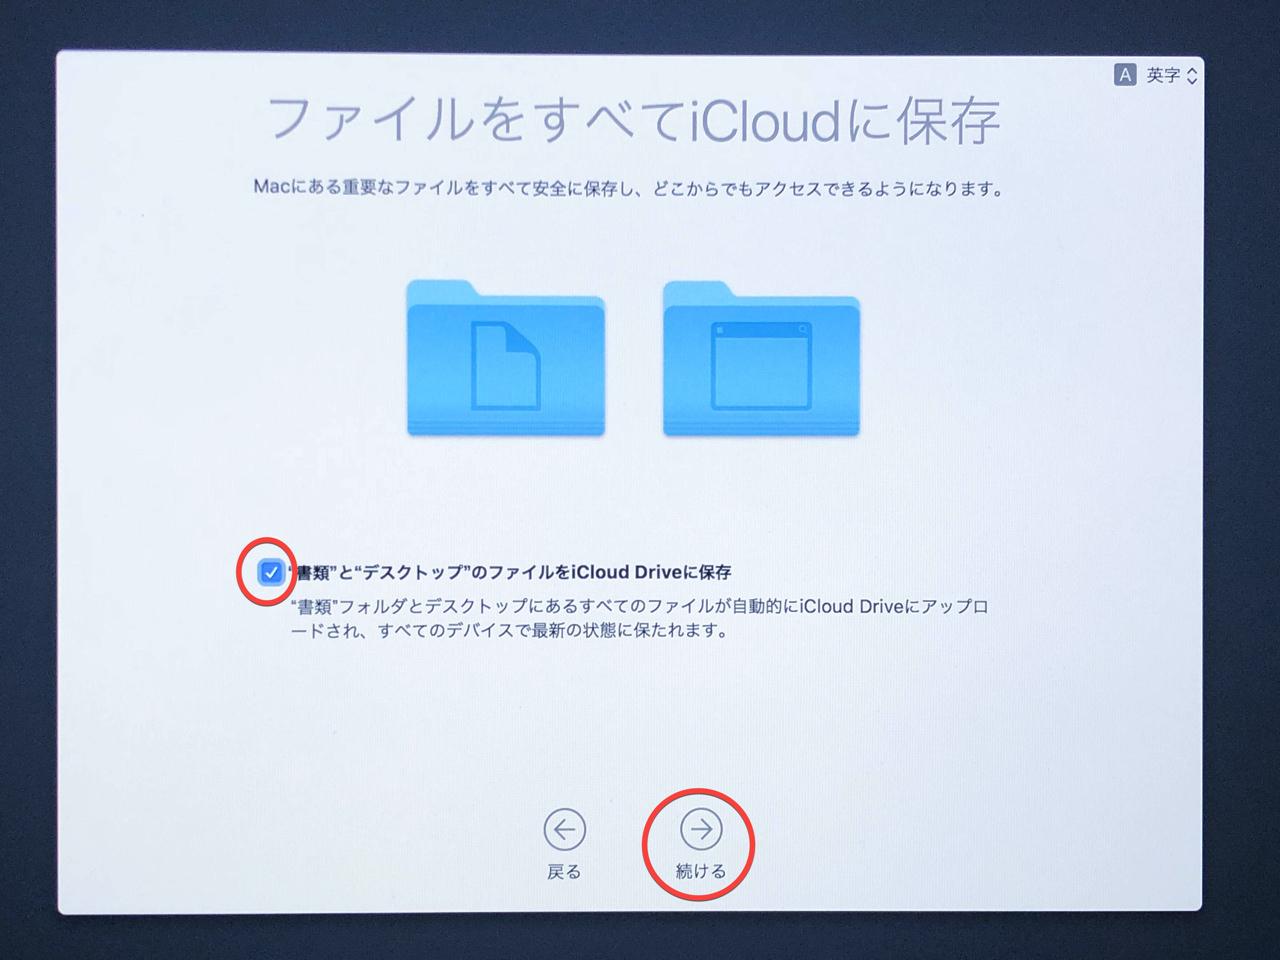 iCloud Drive の保存設定